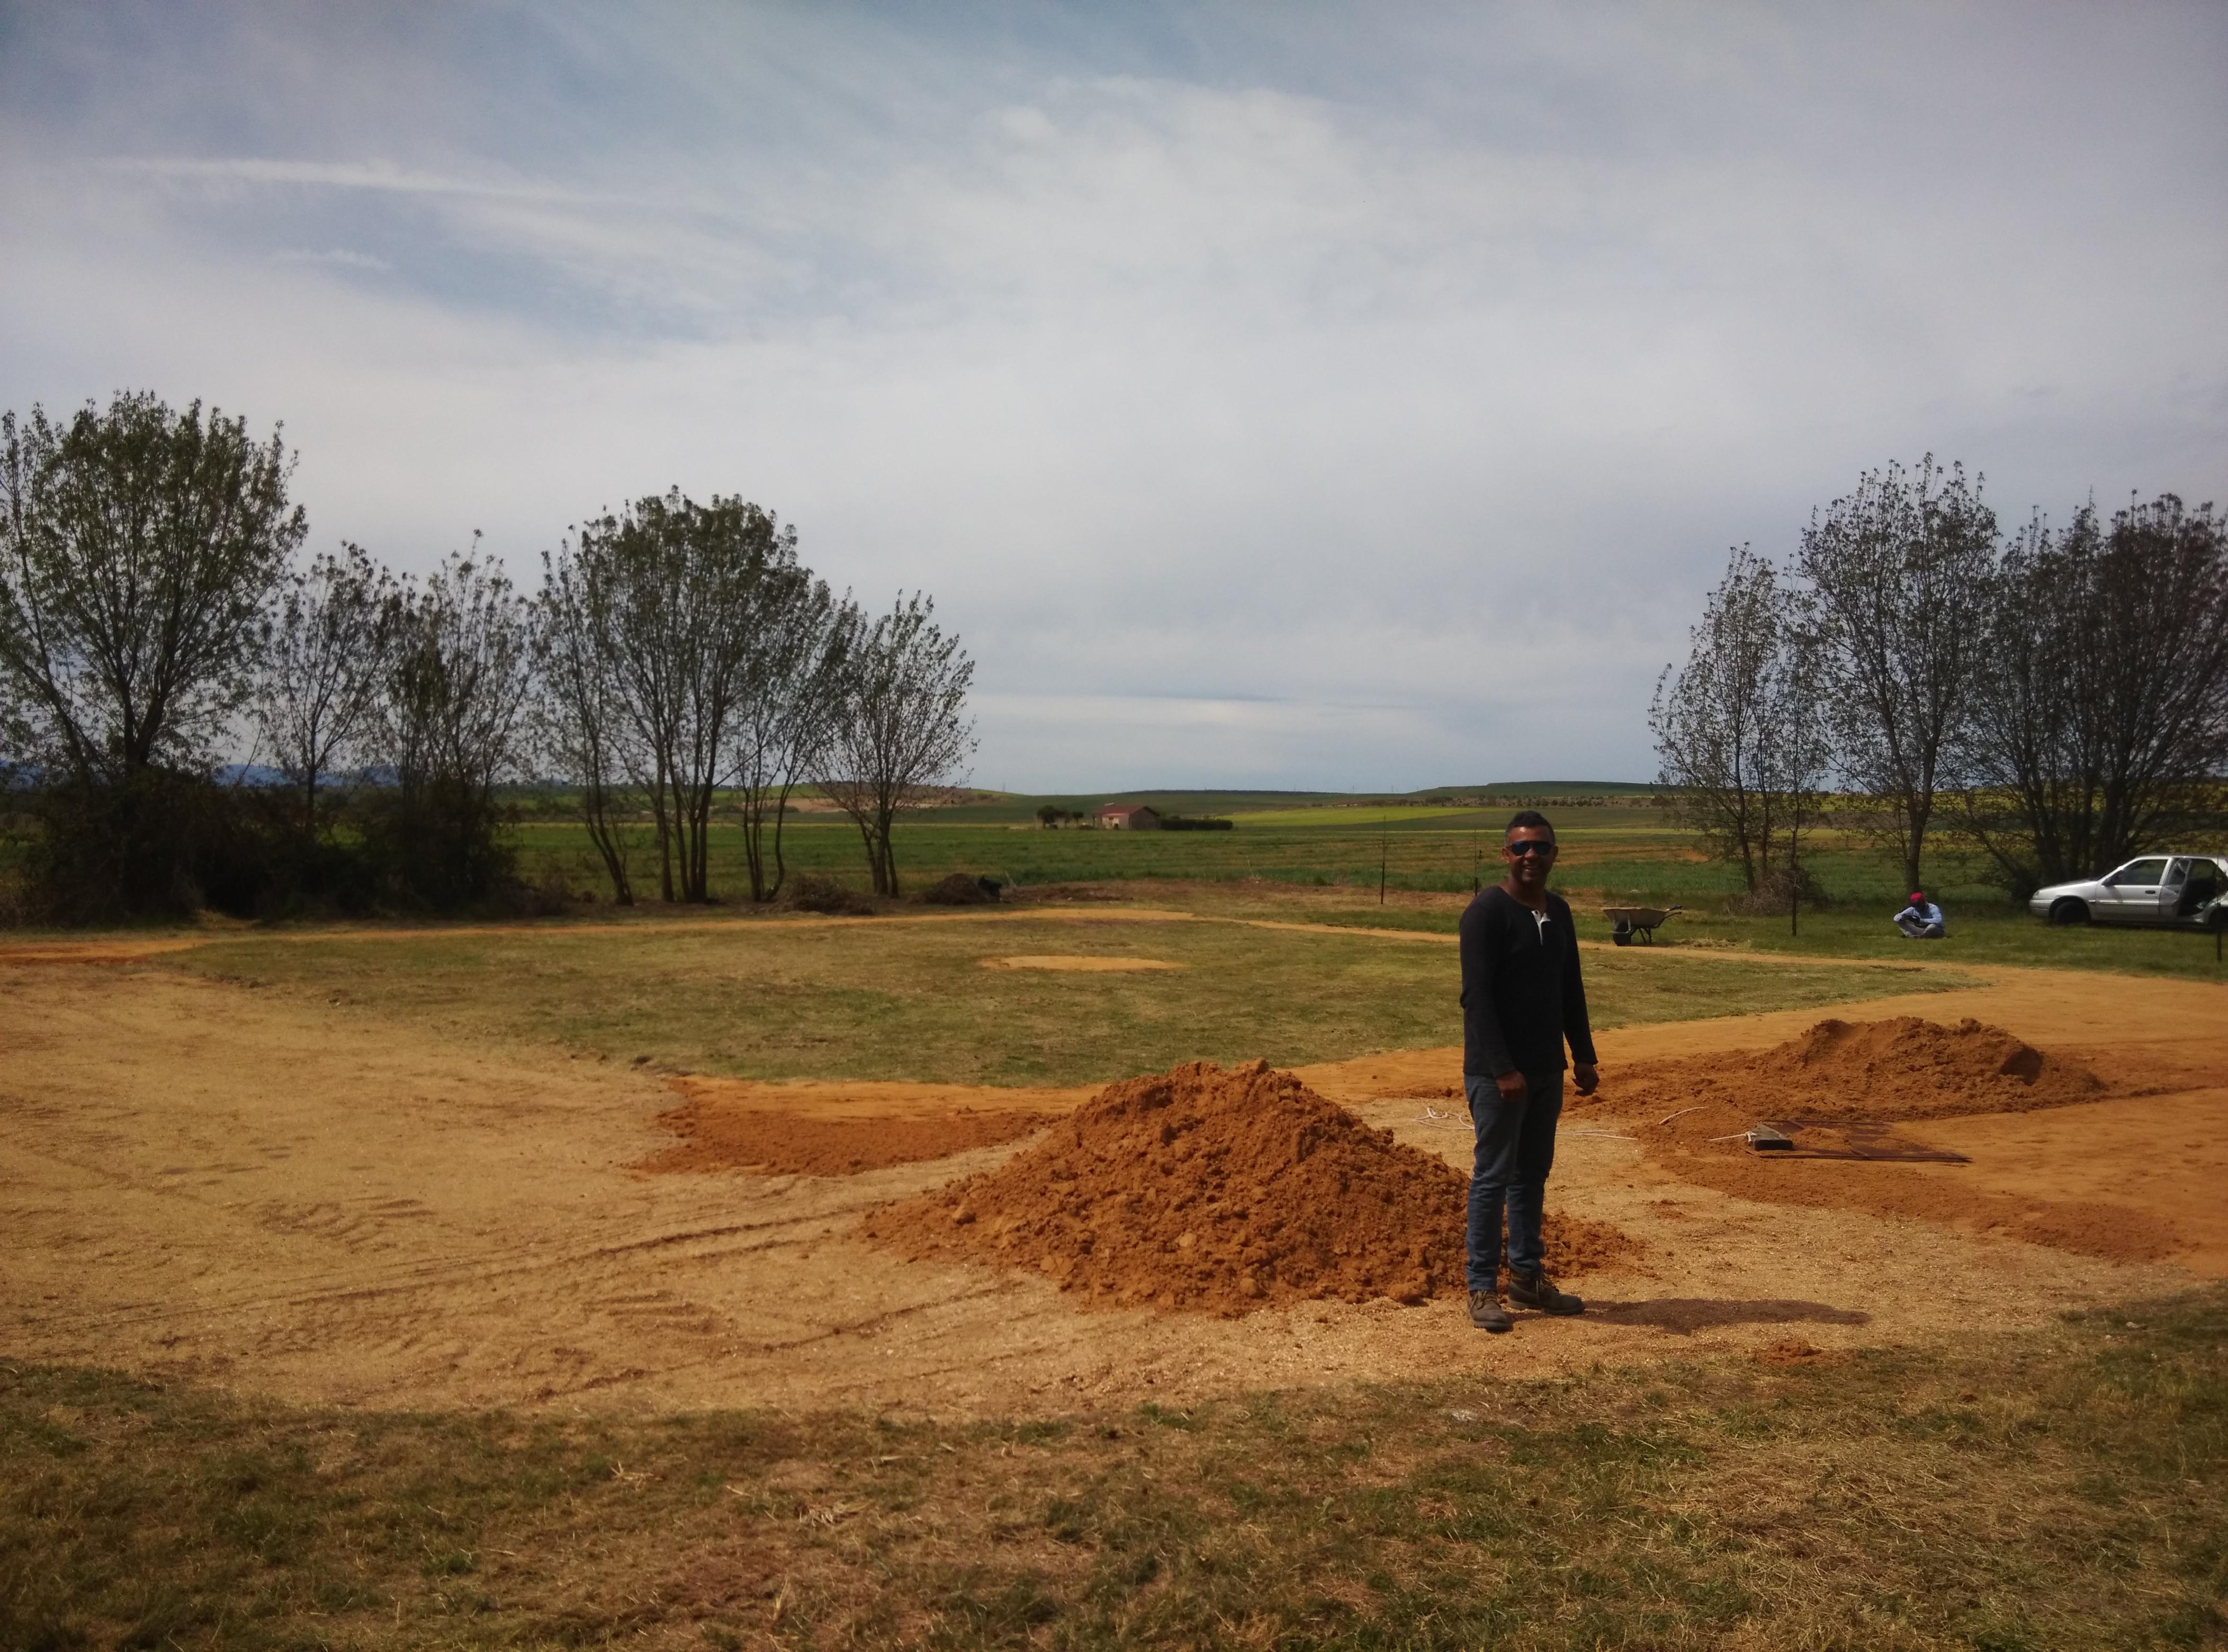 El campo de béisbol de Torredondo va tomando forma